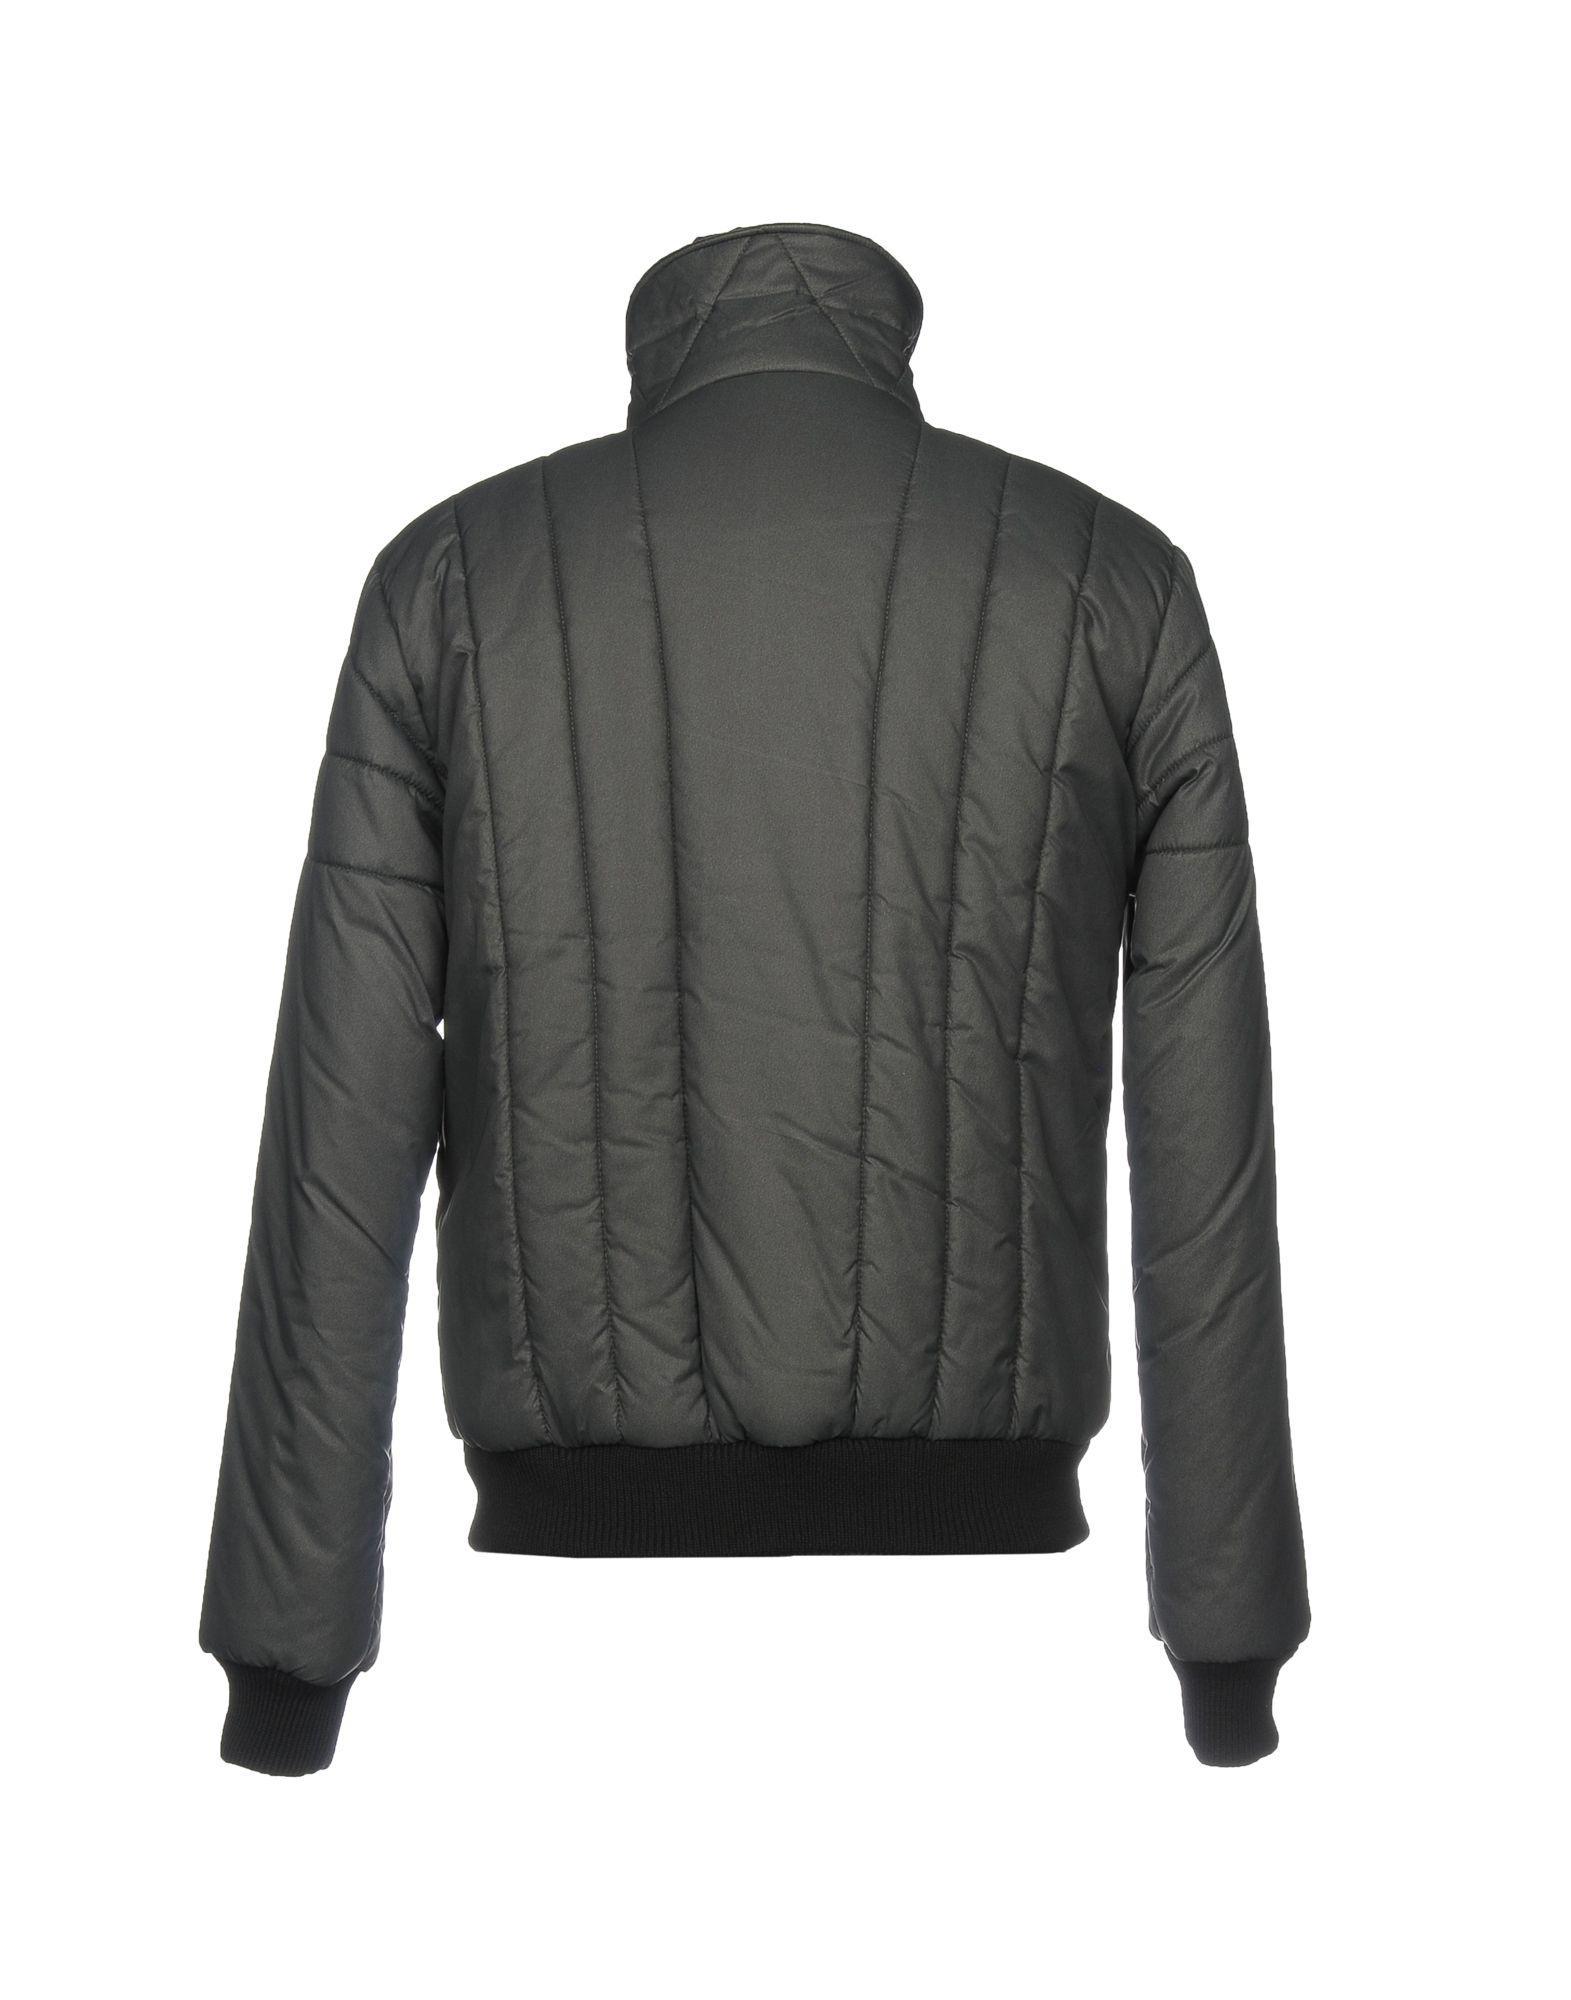 Maison Margiela Synthetic Jacket in Lead (Grey) for Men